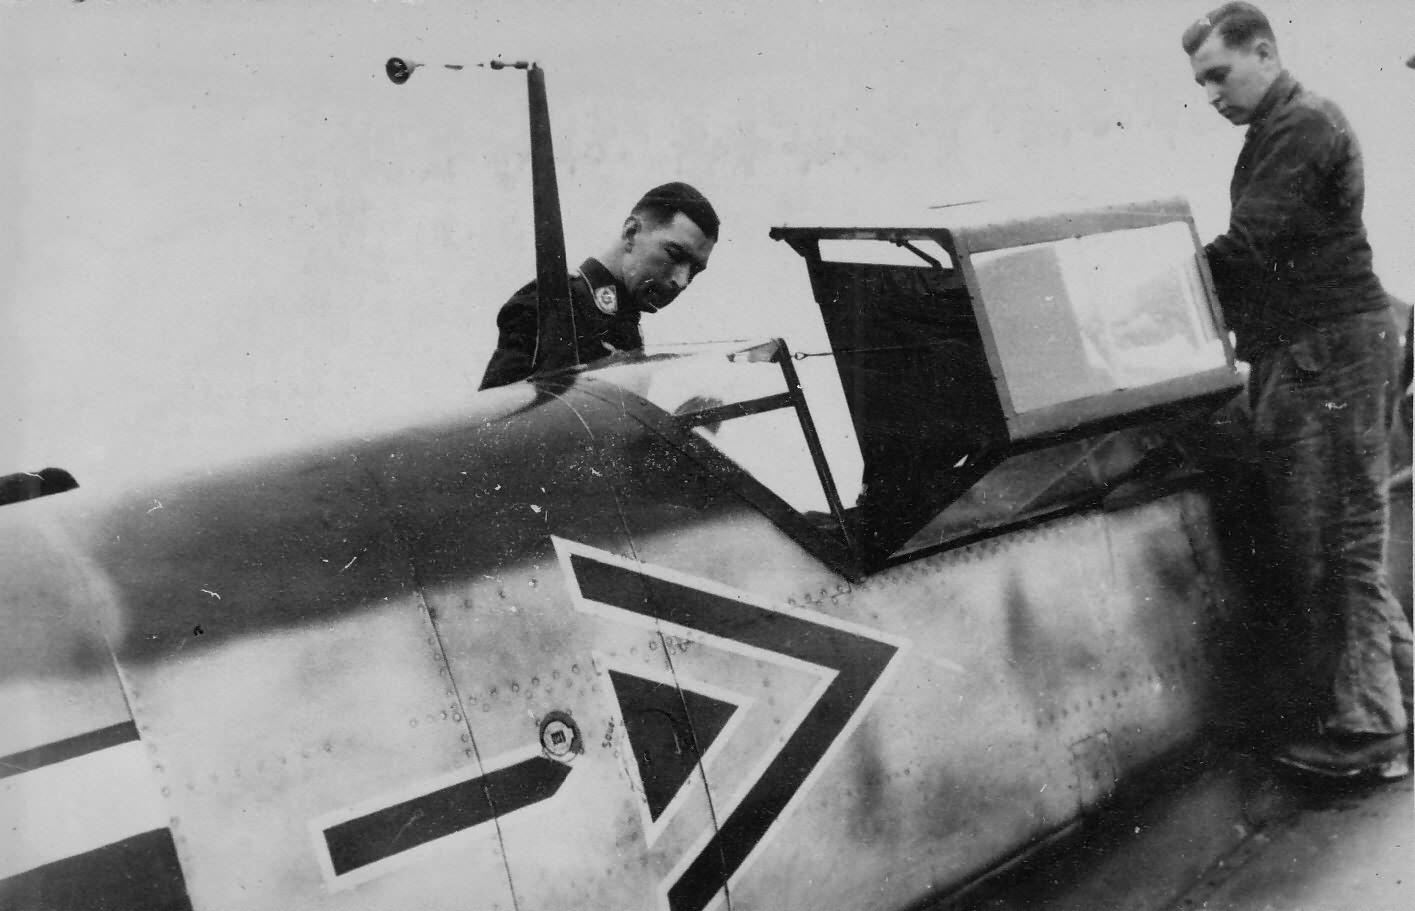 Luftwaffe Ace Werner Molders